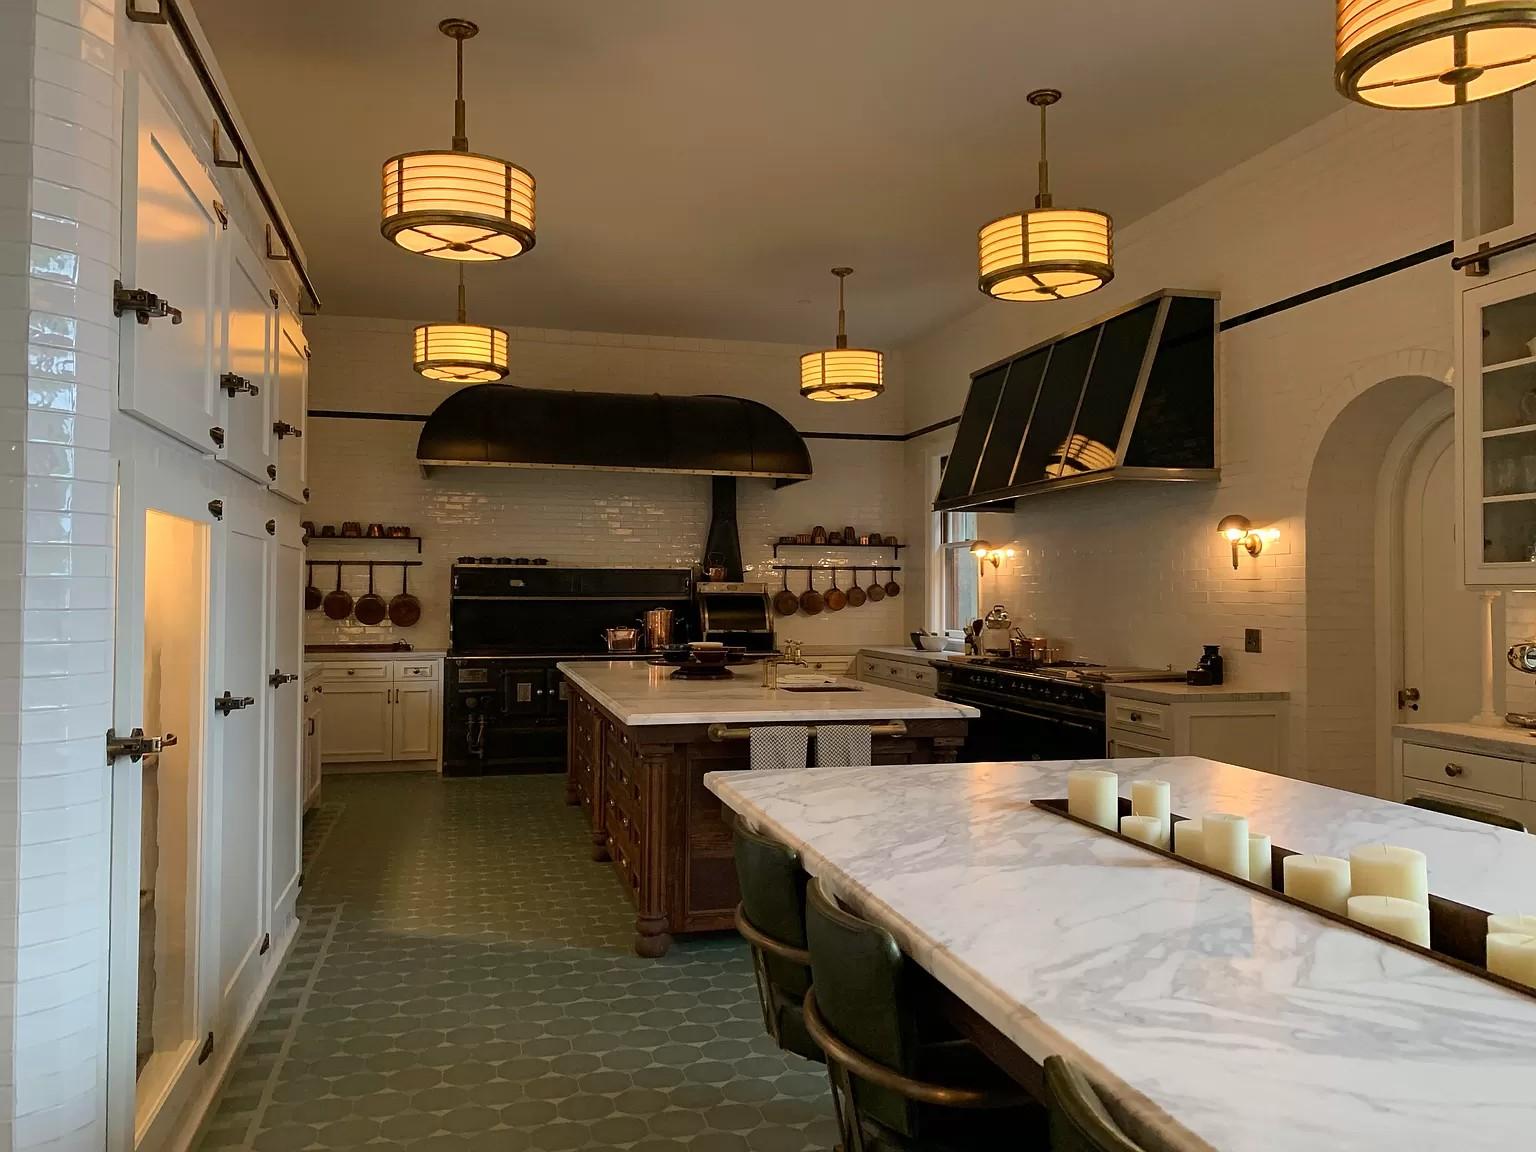 Musk's kitchen